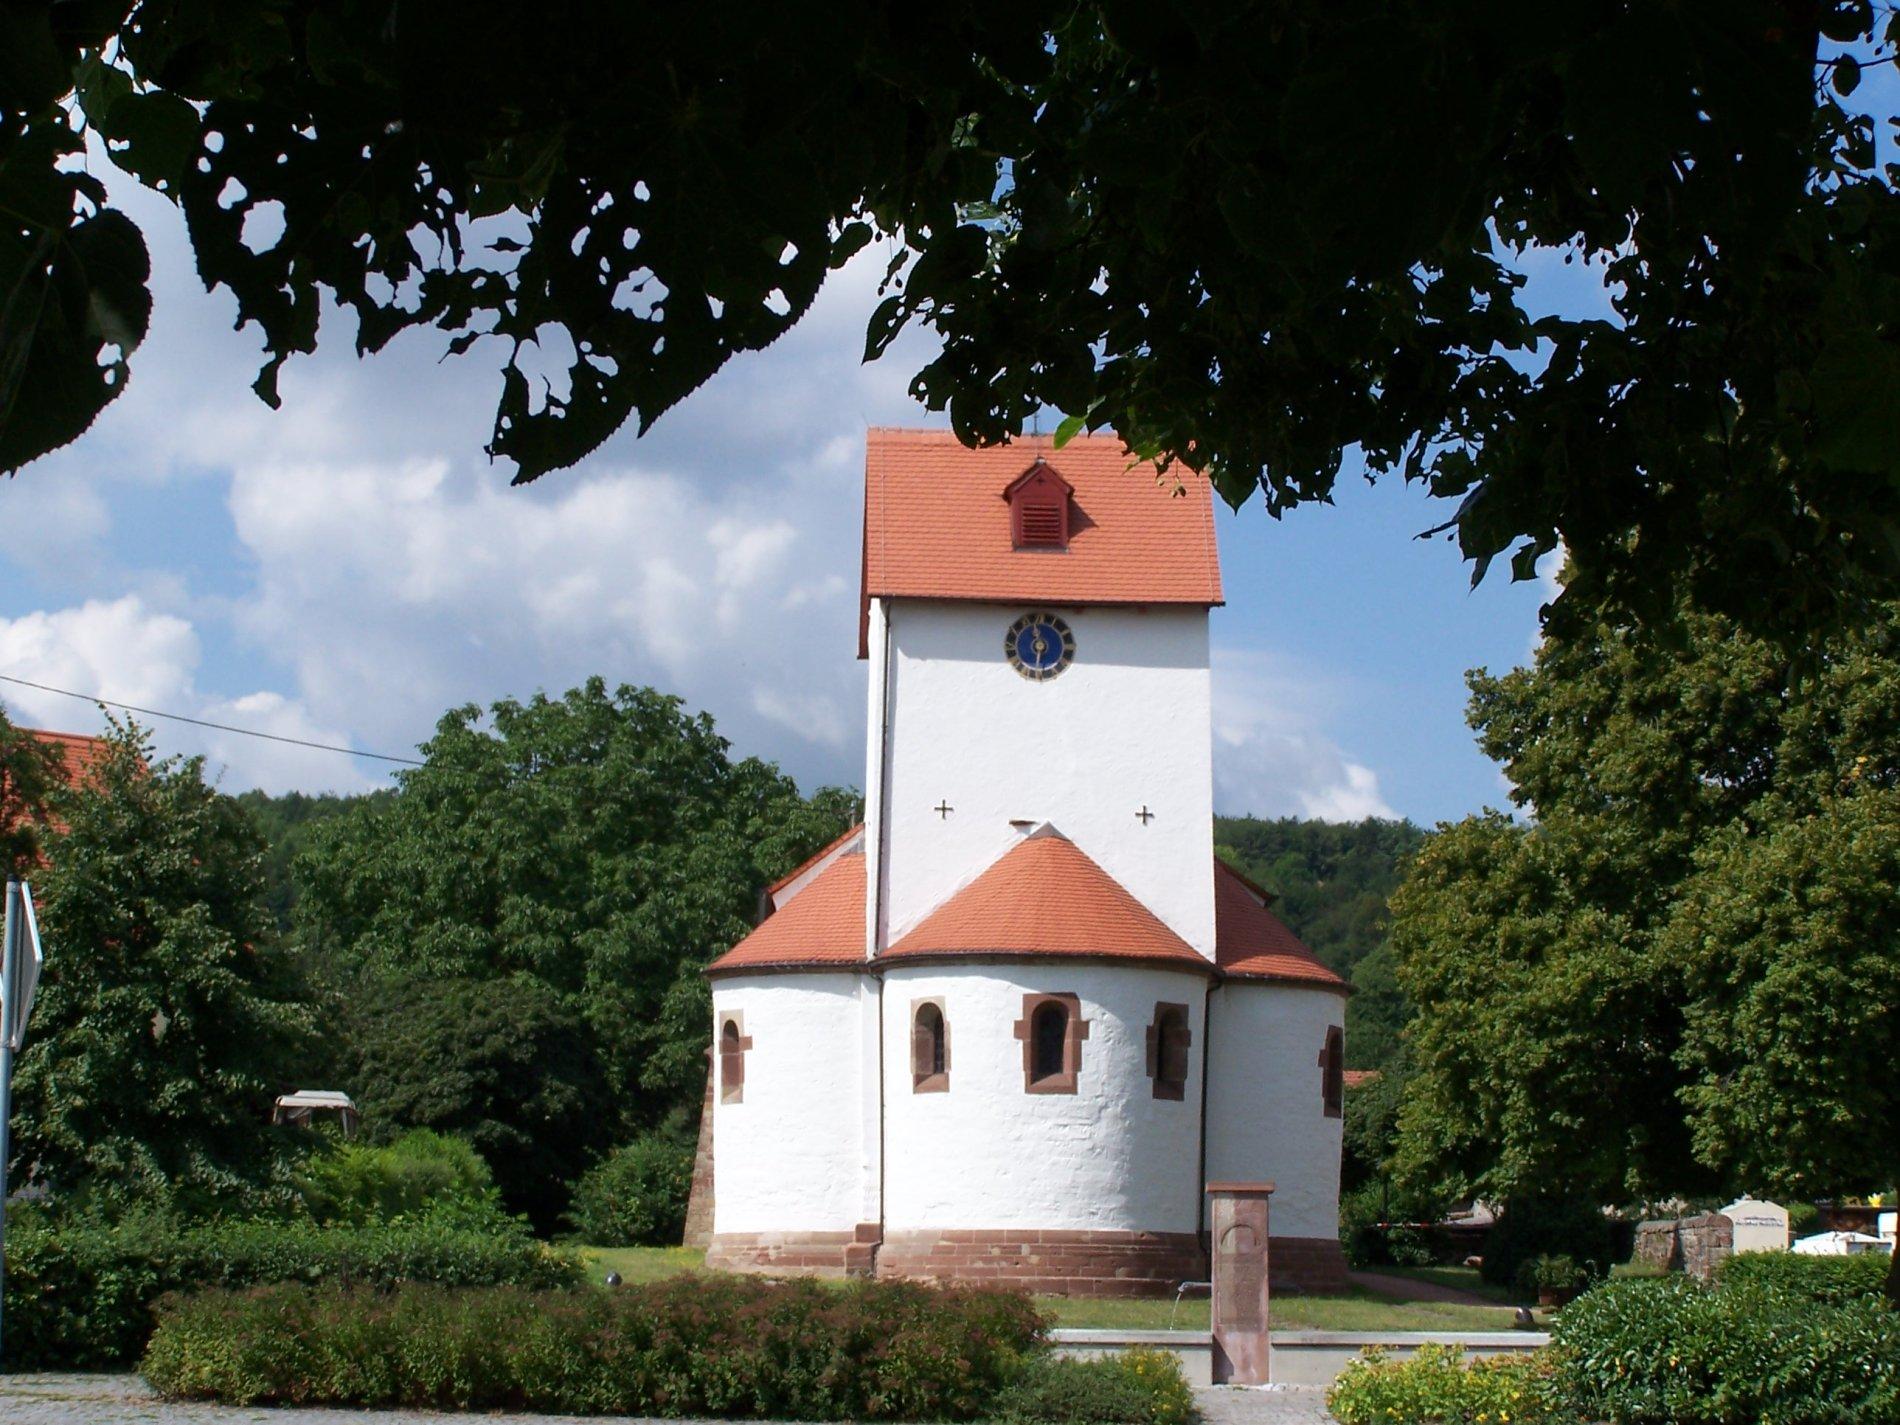 Stephanuskirche von Aussen, Blieskastel